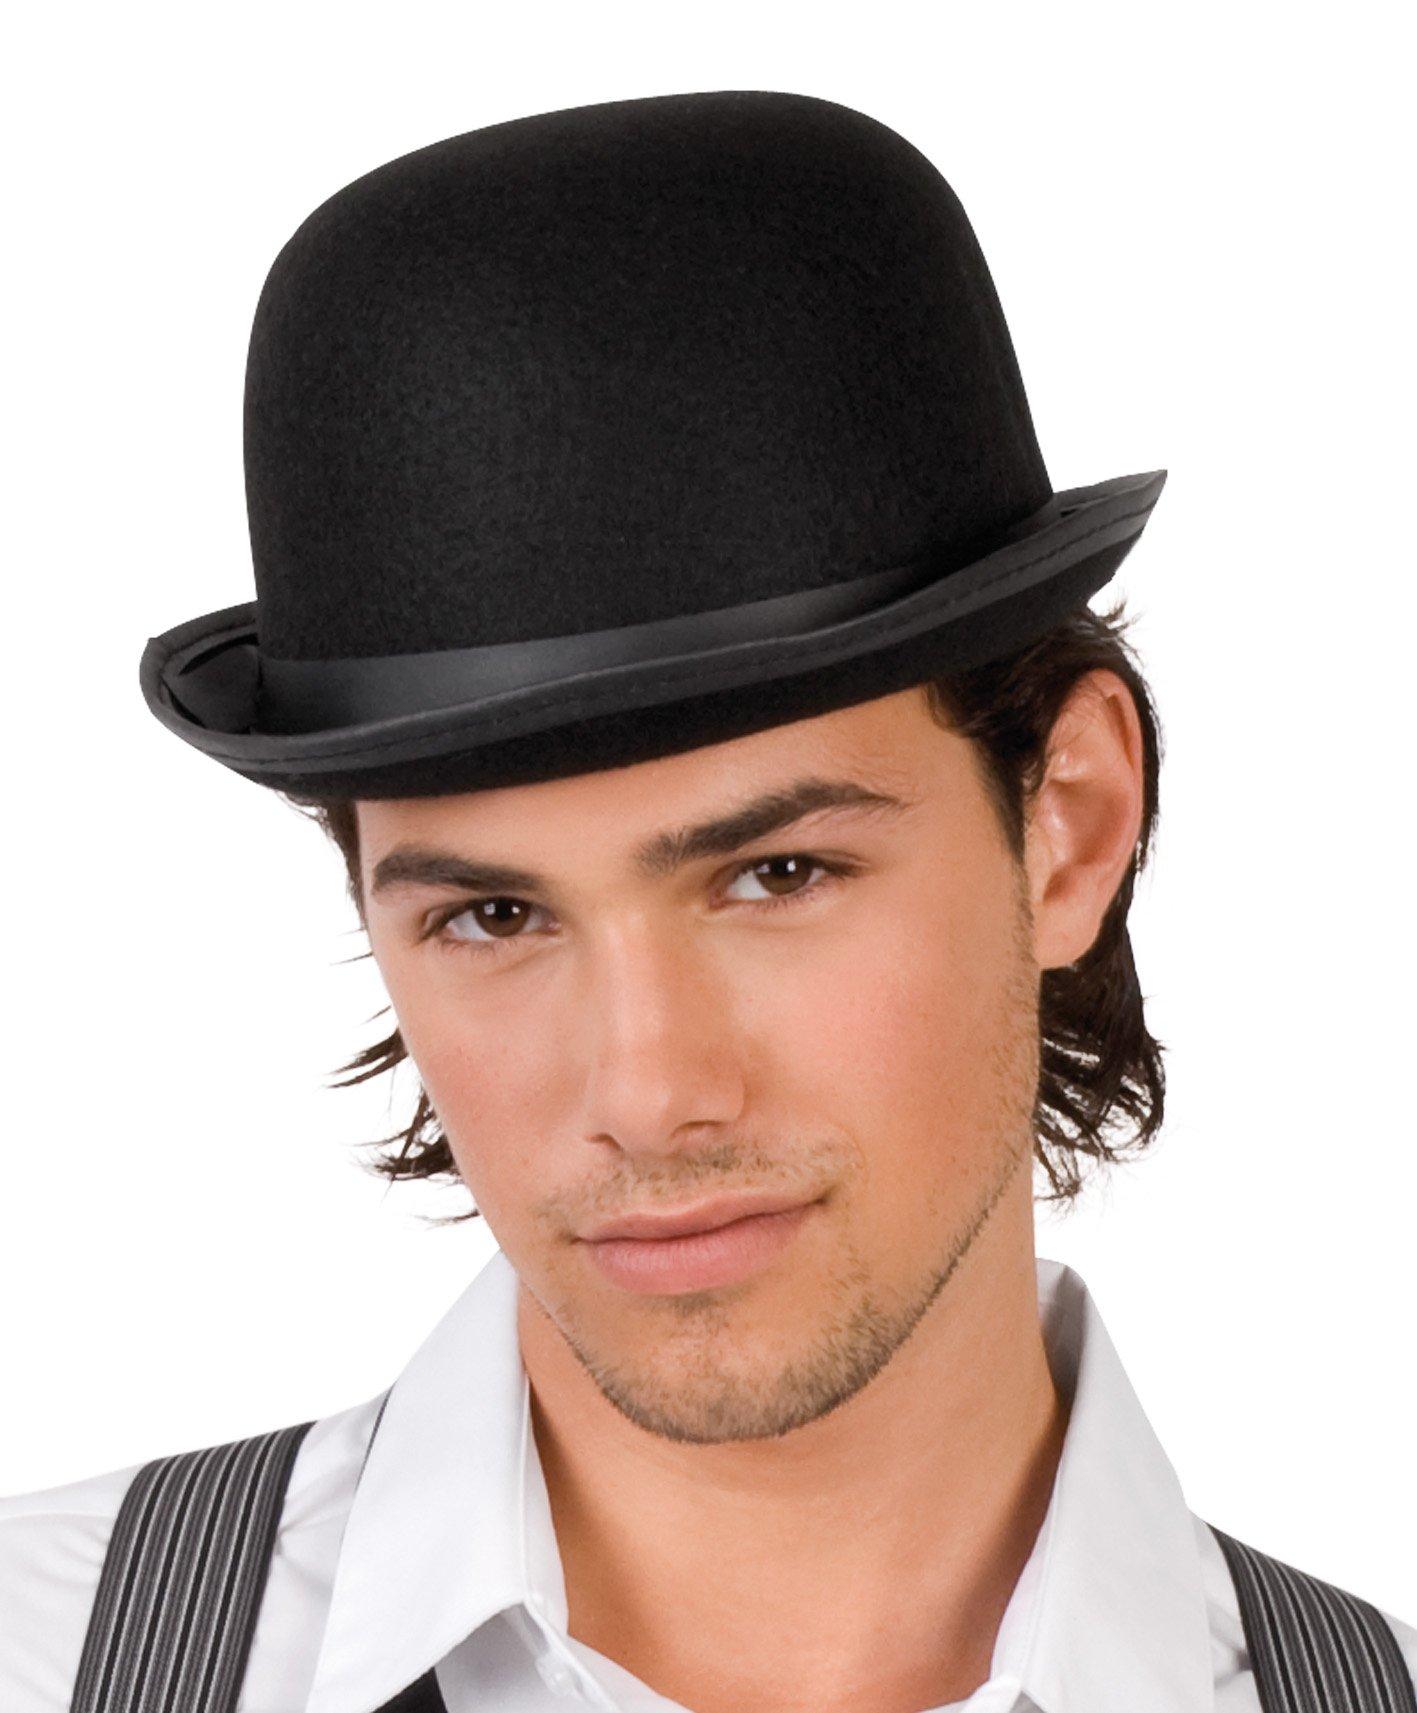 Boland- Cappello per Adulti, Nero, Misura Universale, 04002 2 spesavip